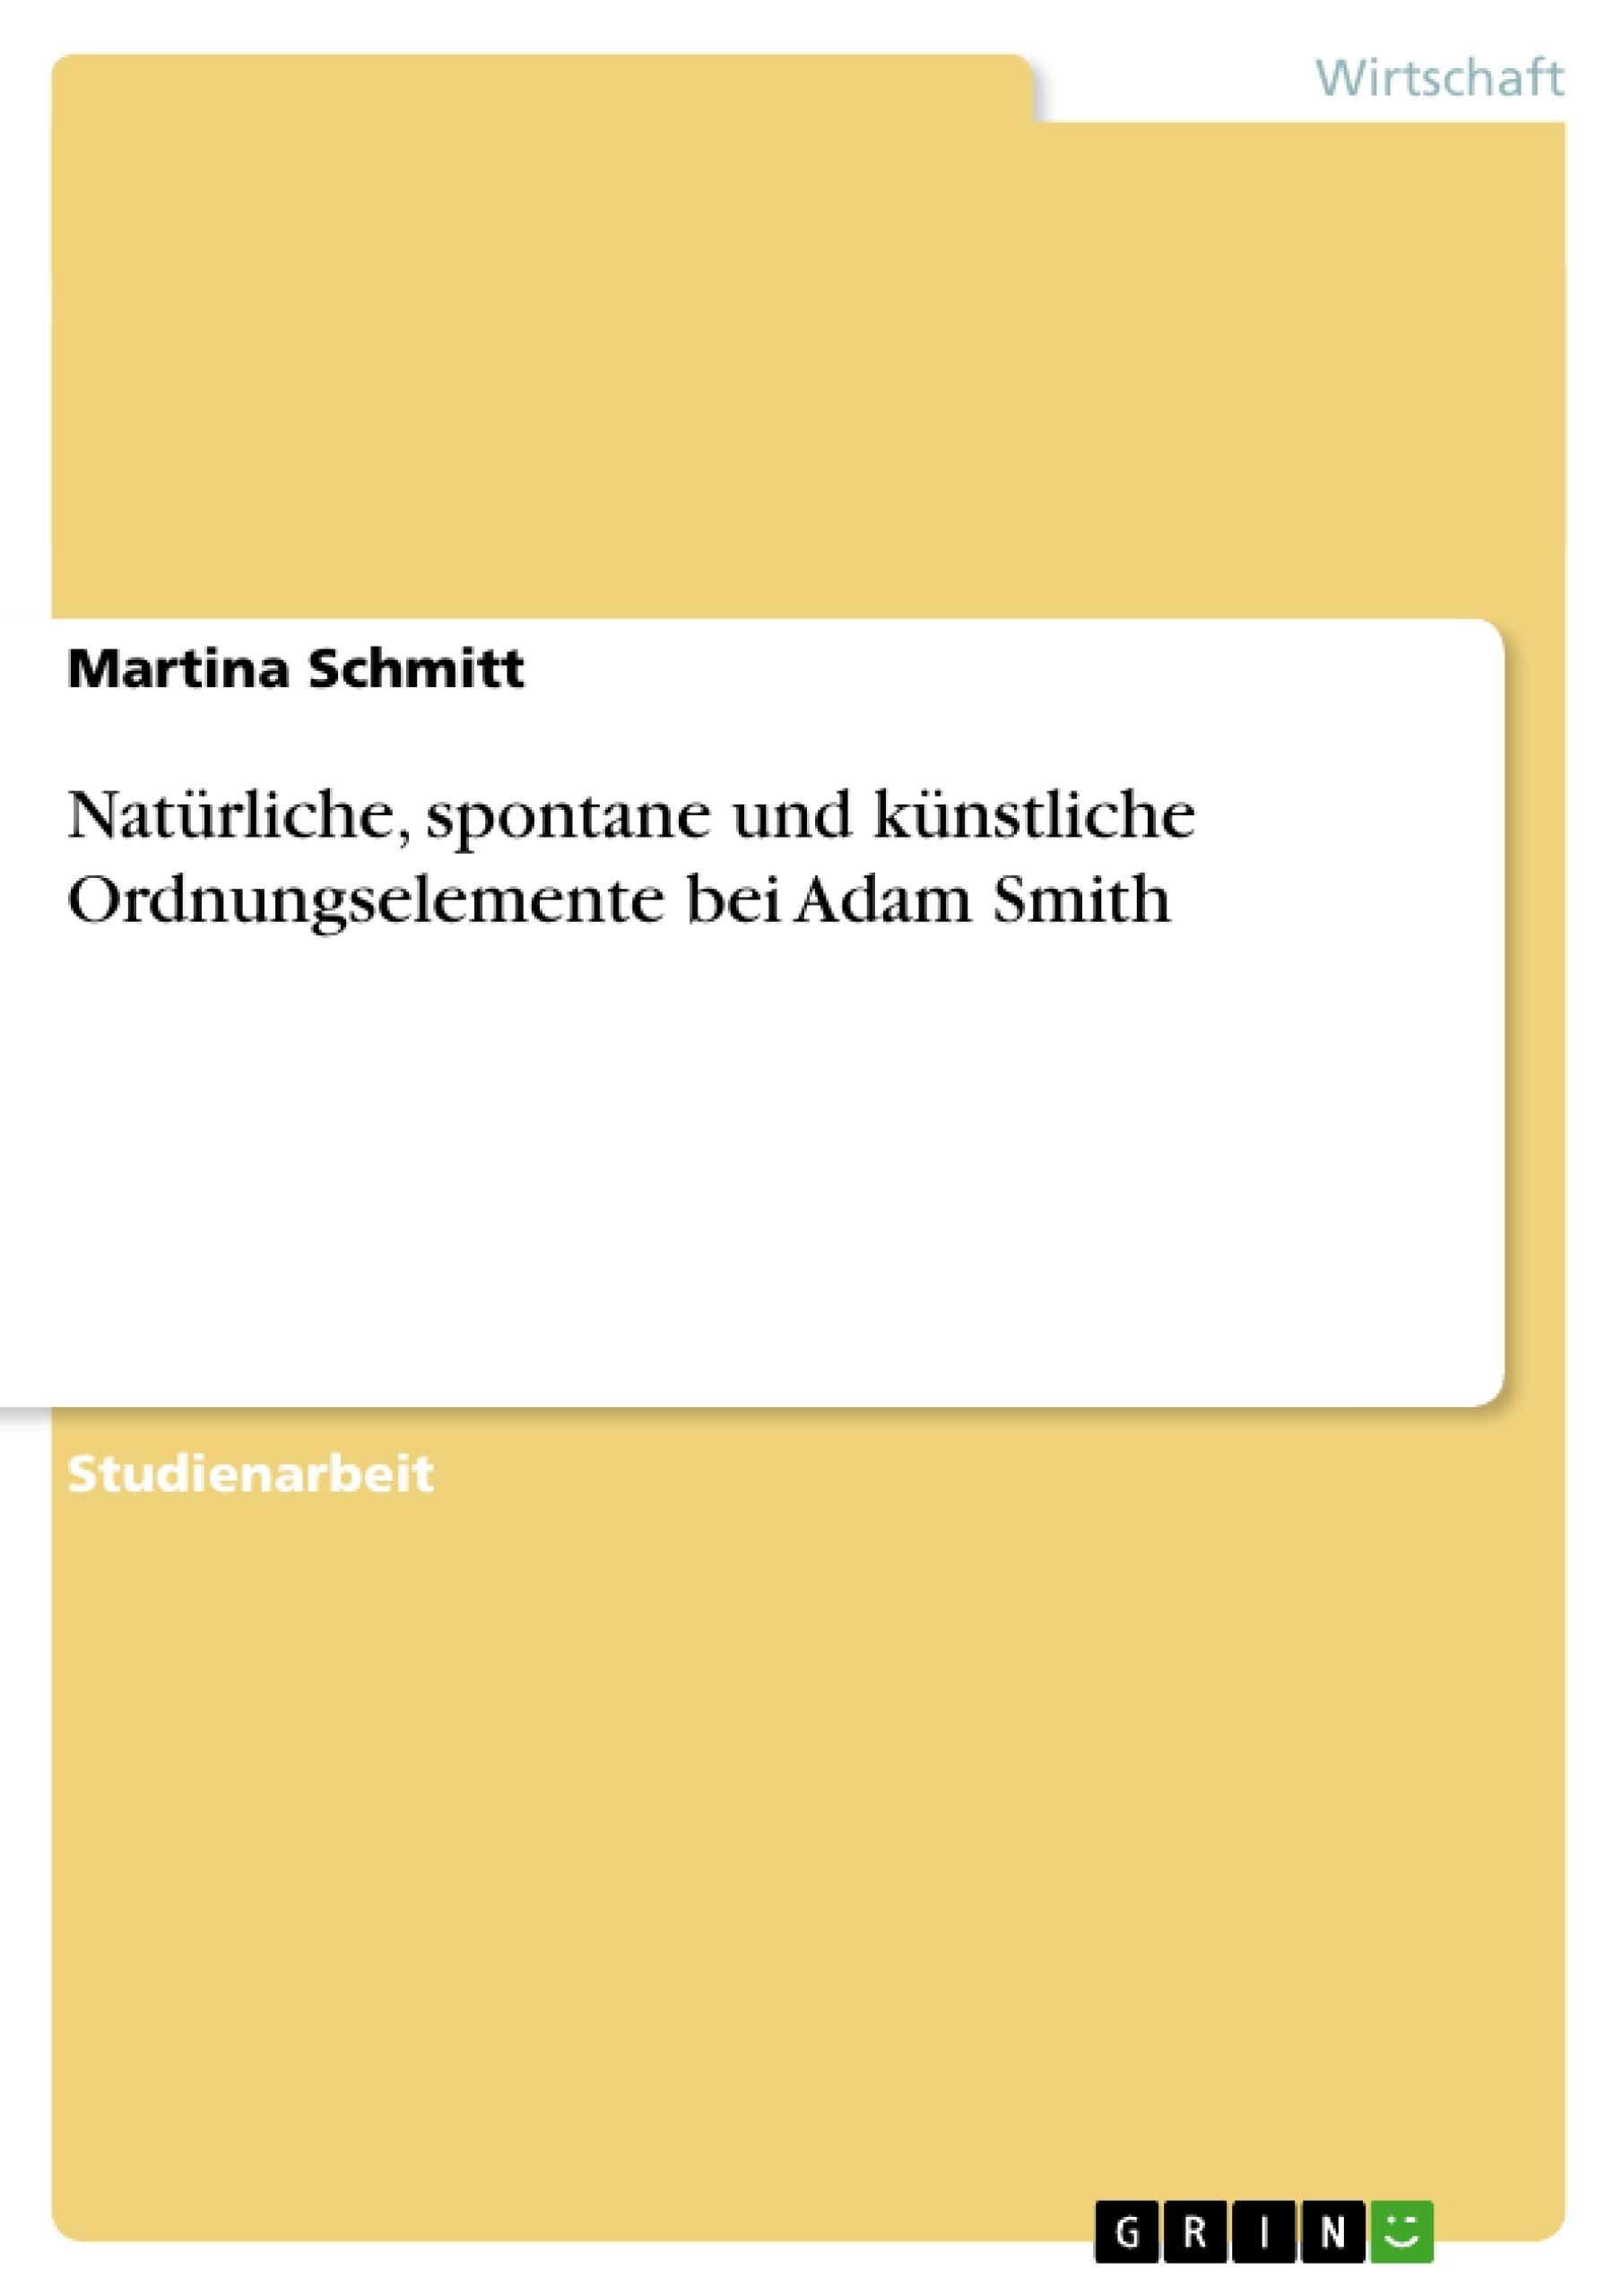 Titel: Natürliche, spontane und künstliche Ordnungselemente bei Adam Smith